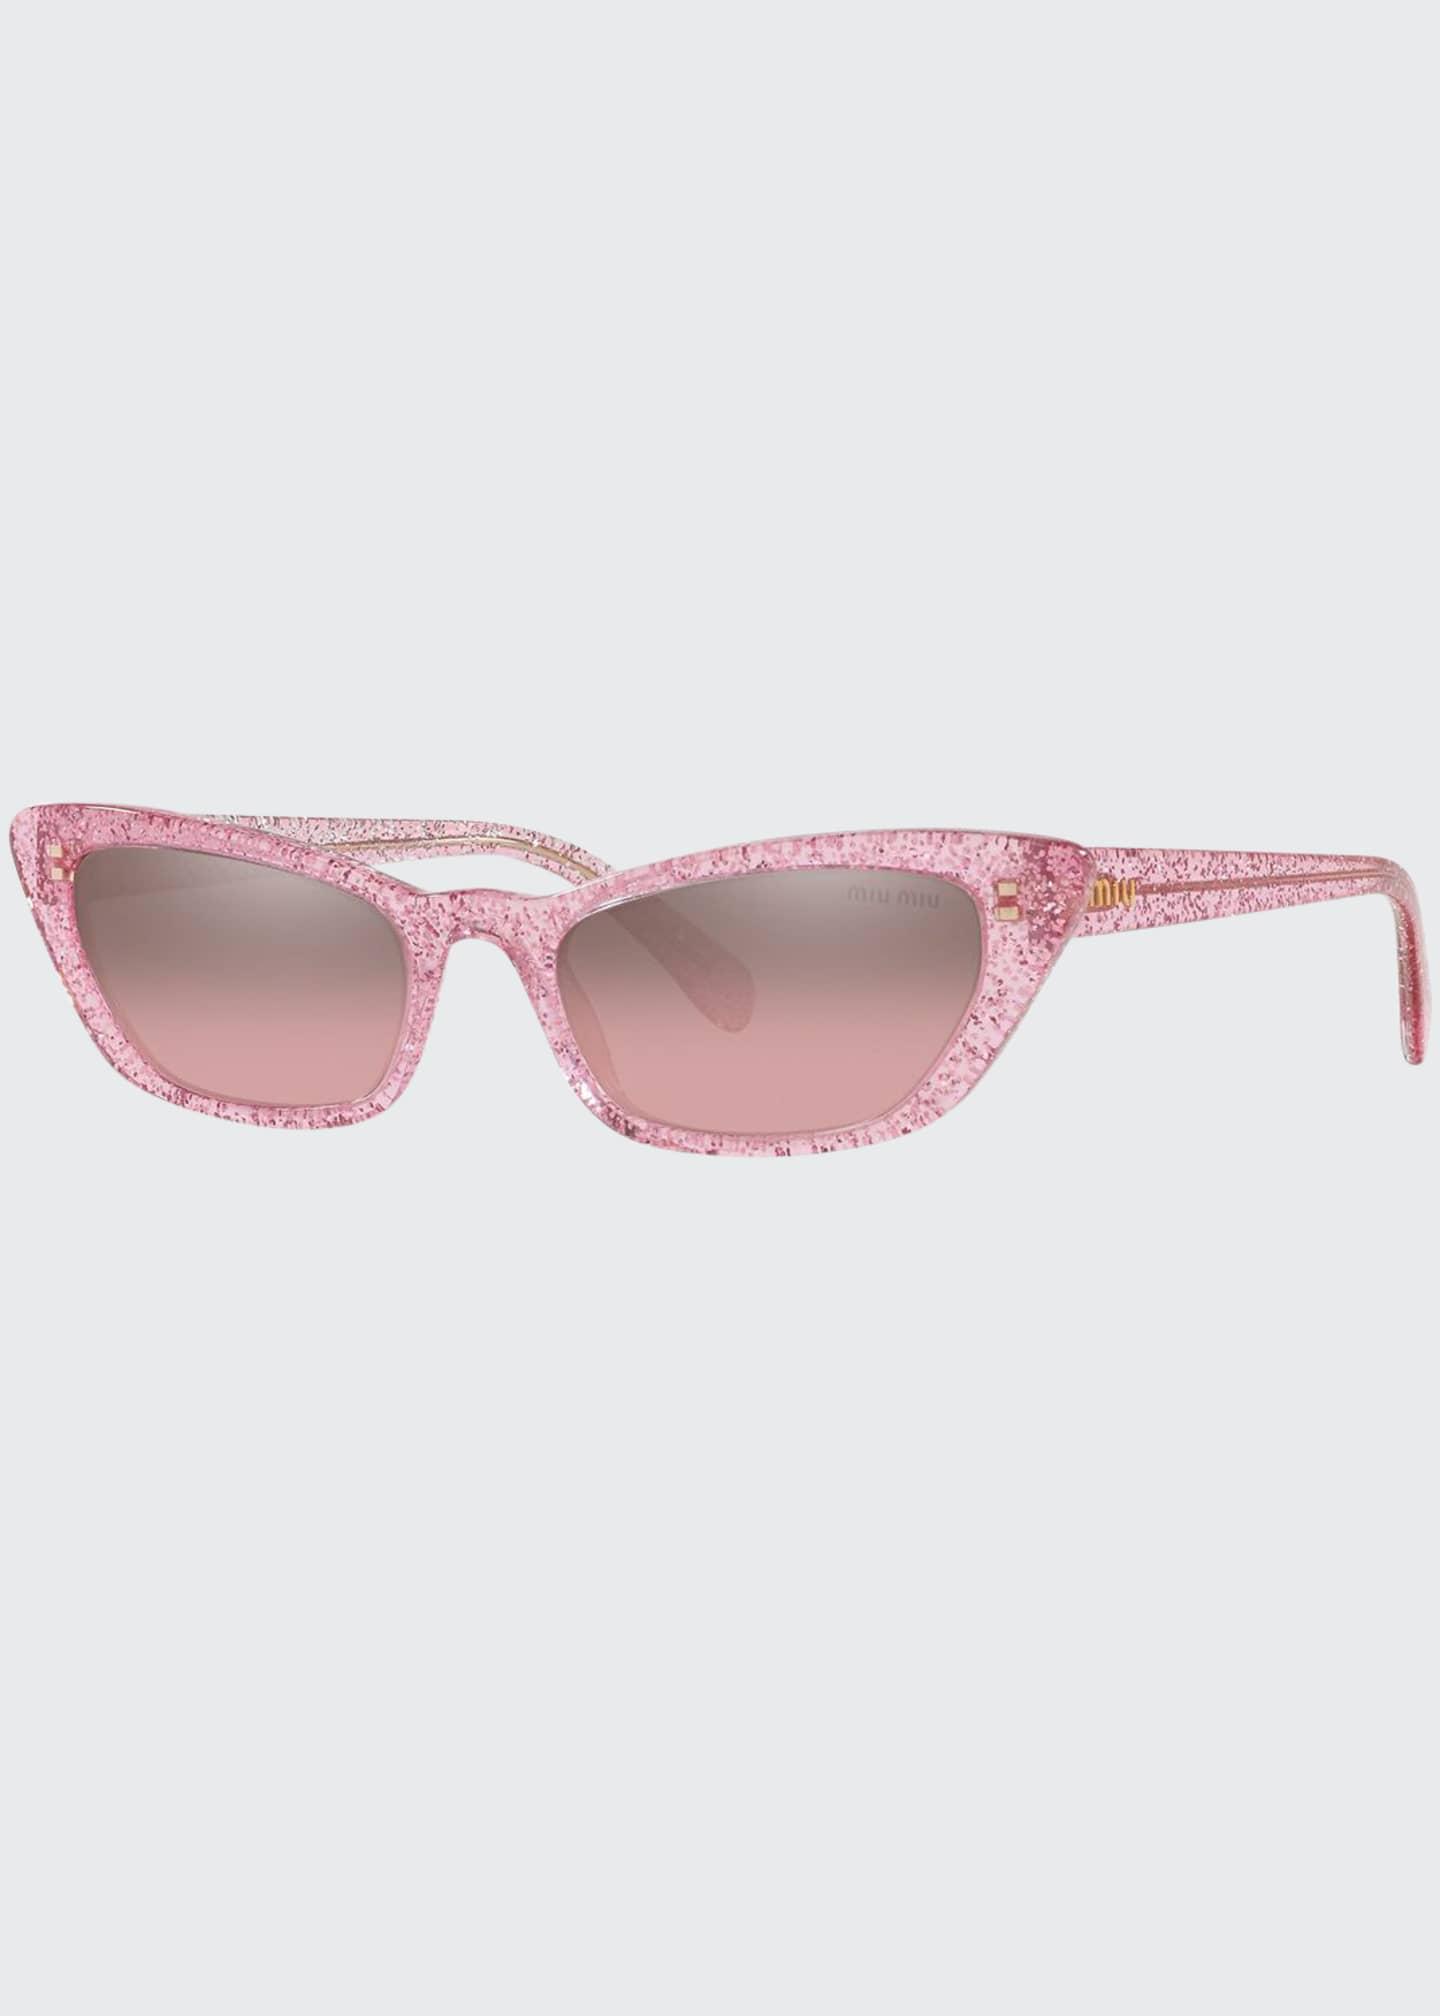 Miu Miu Glittered Acetate Cat-Eye Sunglasses